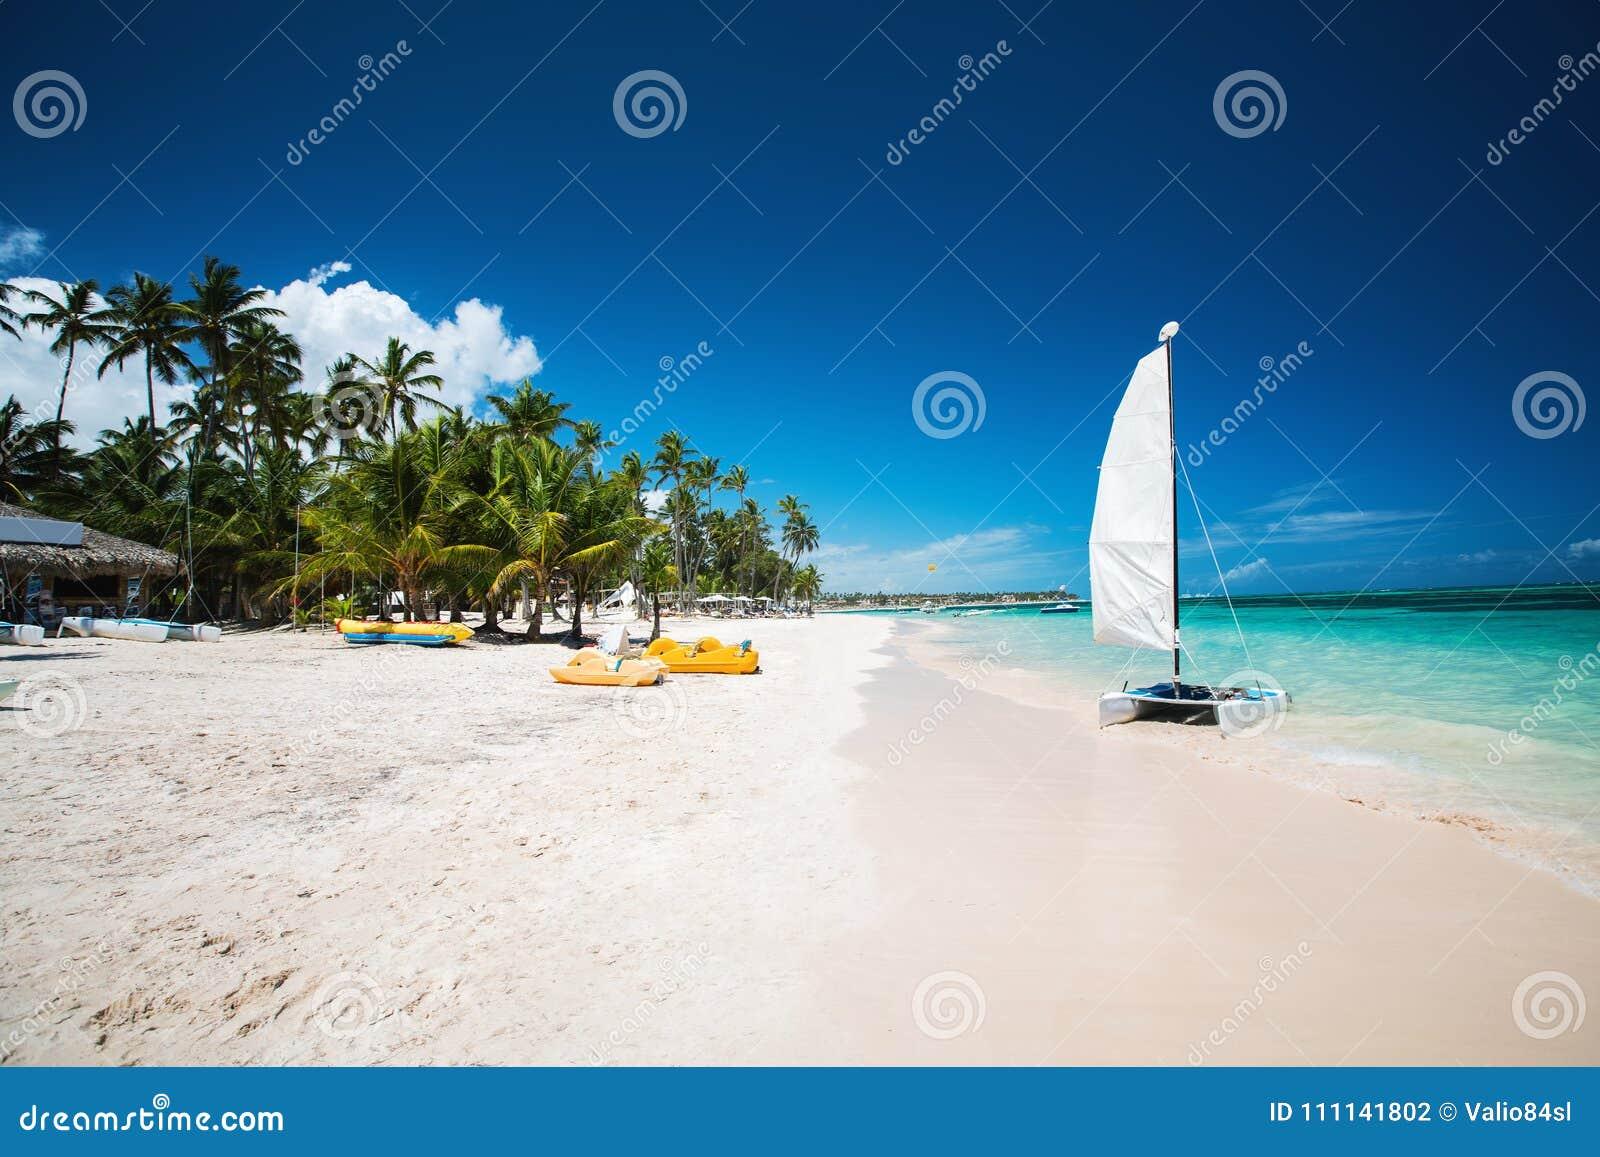 Palma e praia tropical em Punta Cana, República Dominicana